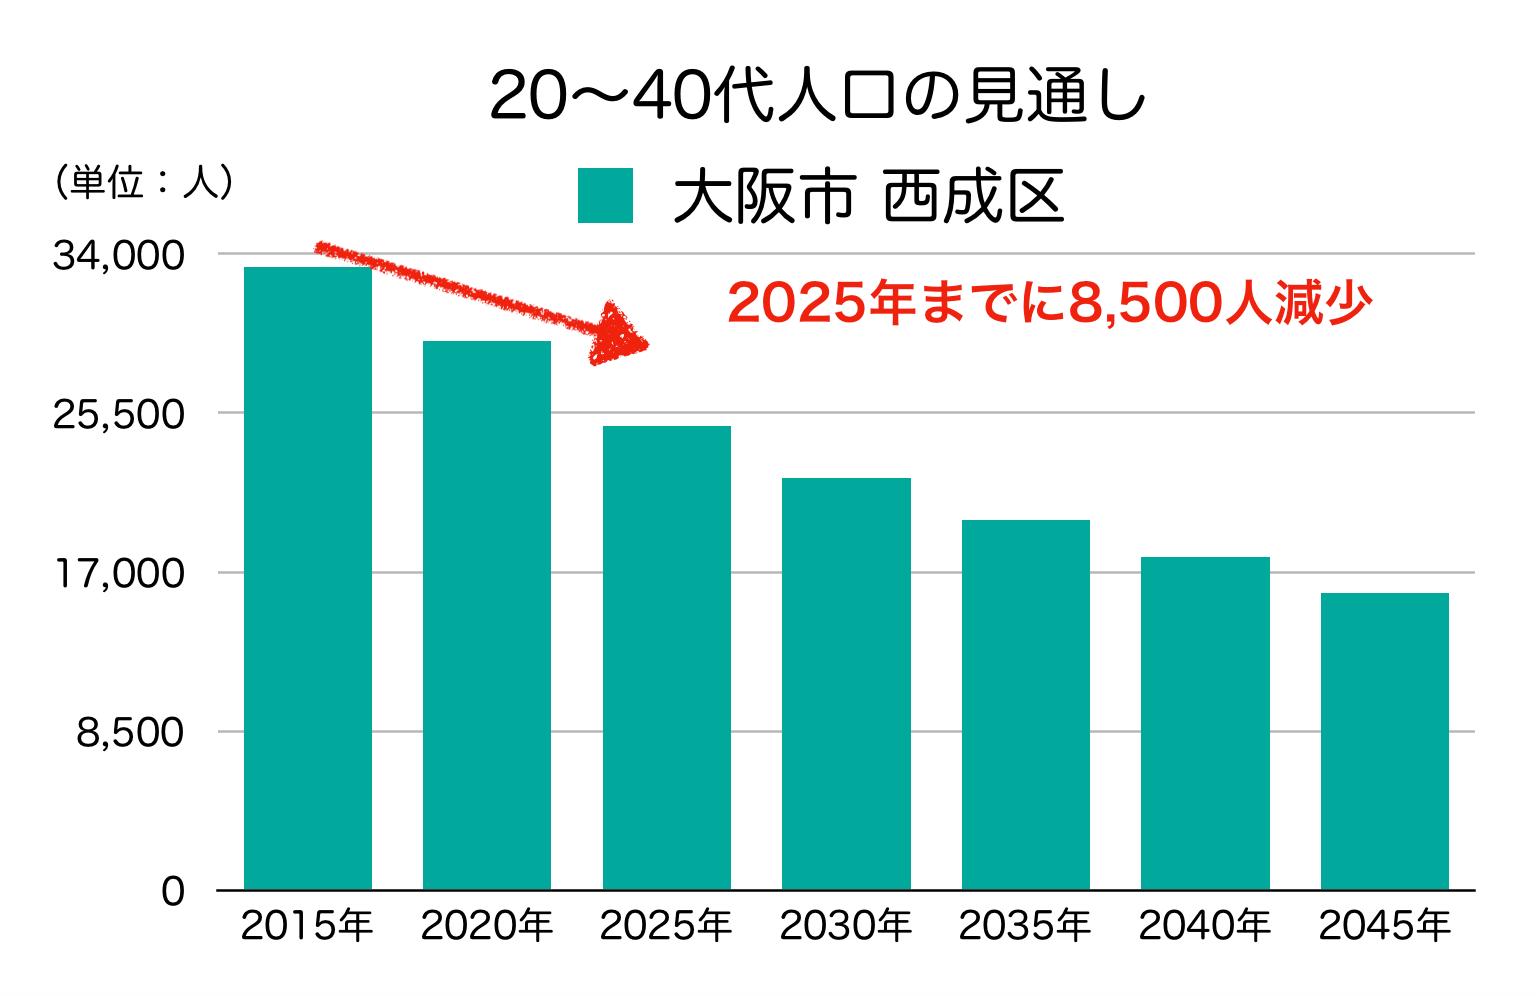 西成区の20〜40代人口の予測